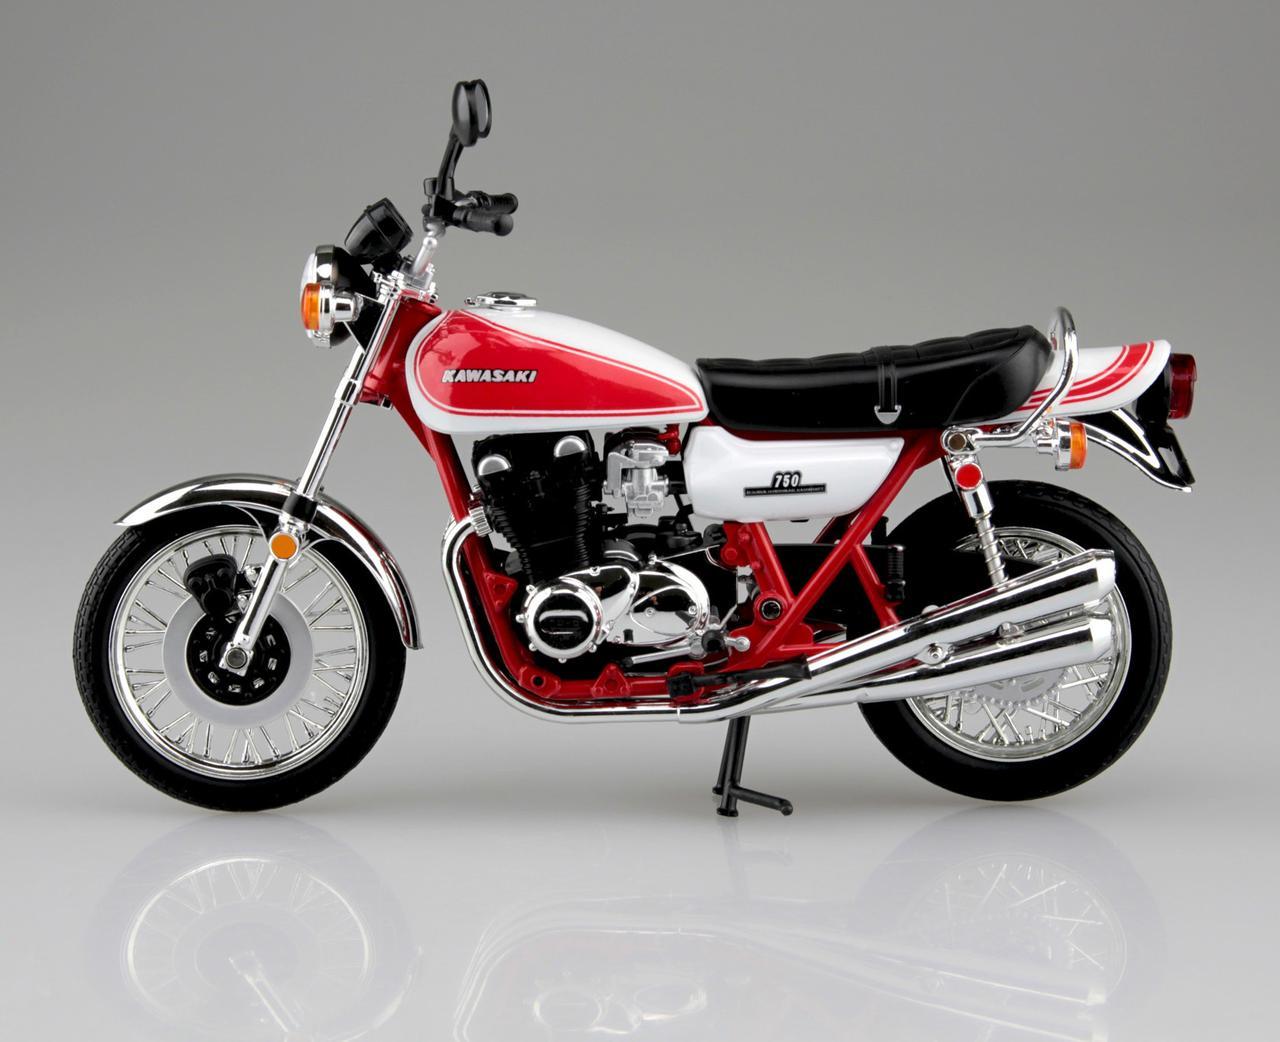 画像1: 1/12 完成品バイク KAWASAKI 750RS(Z2) 赤白カラー